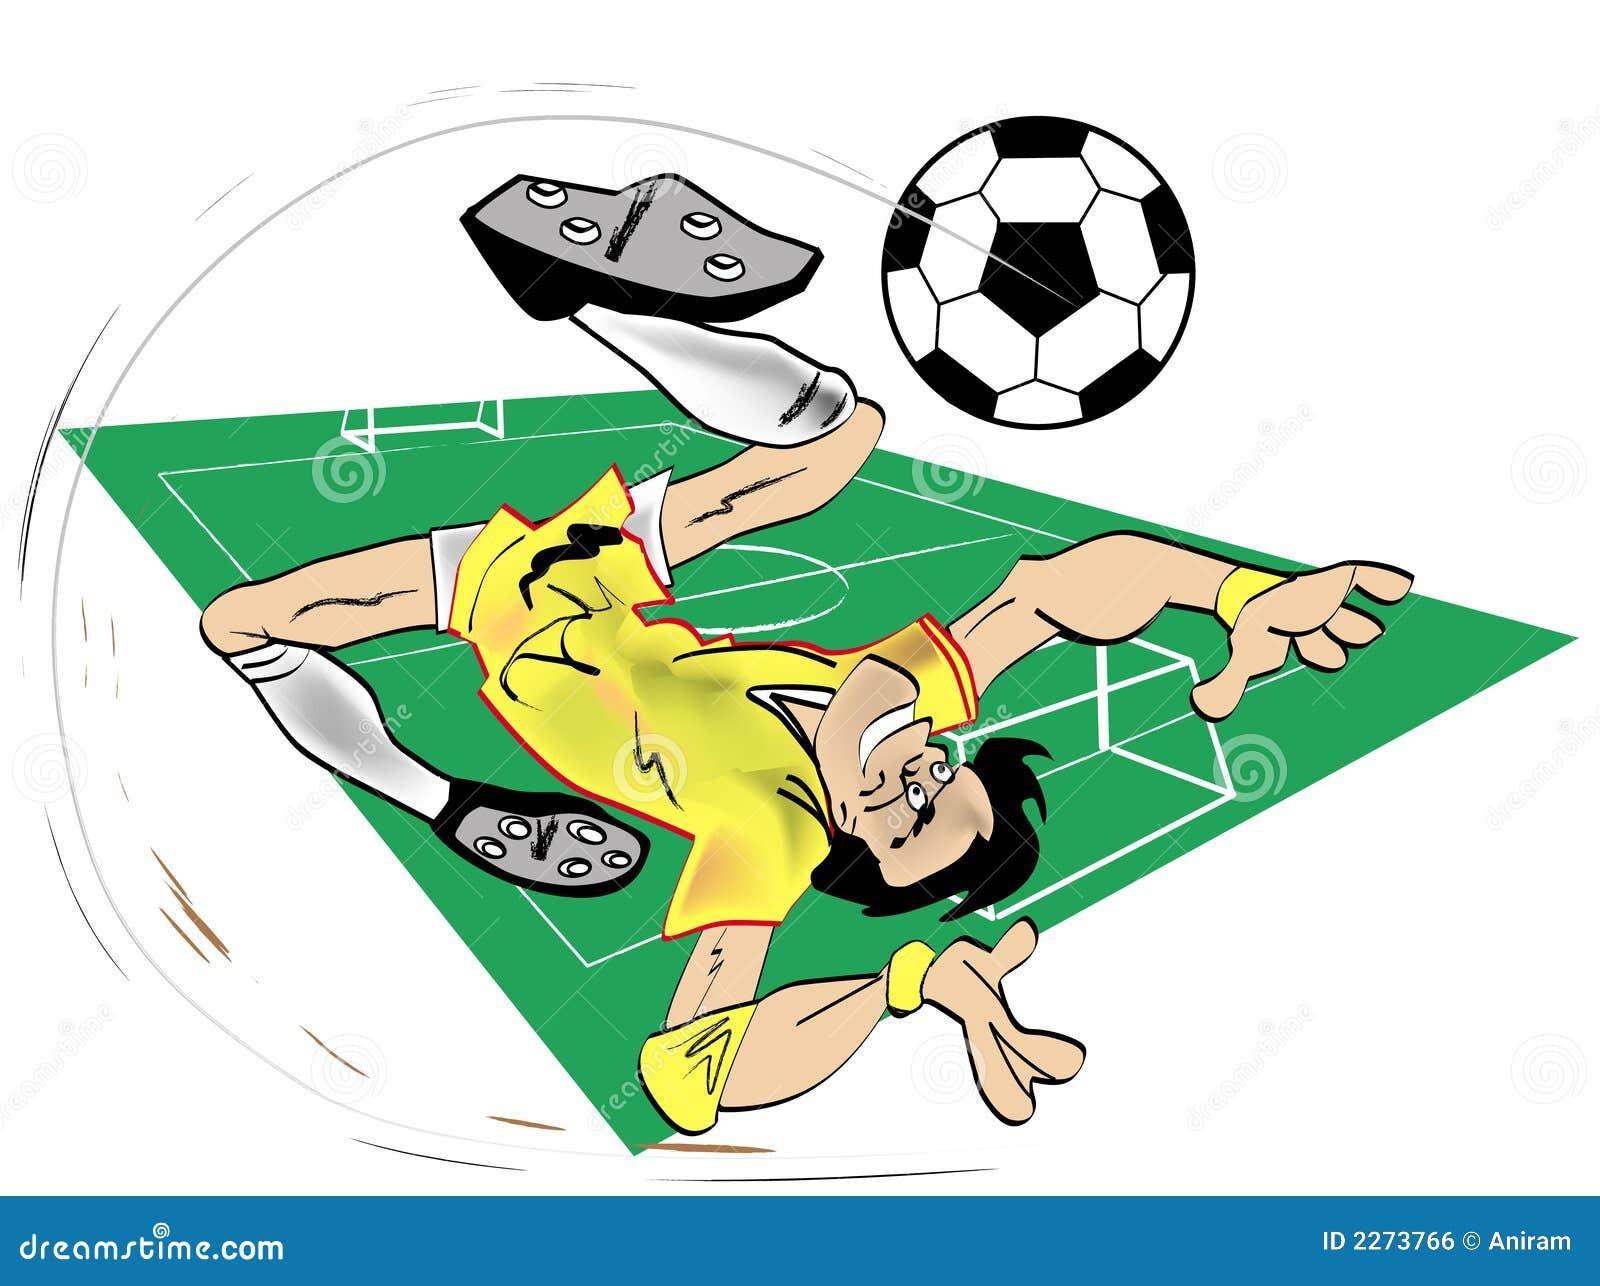 Cartoon Soccer